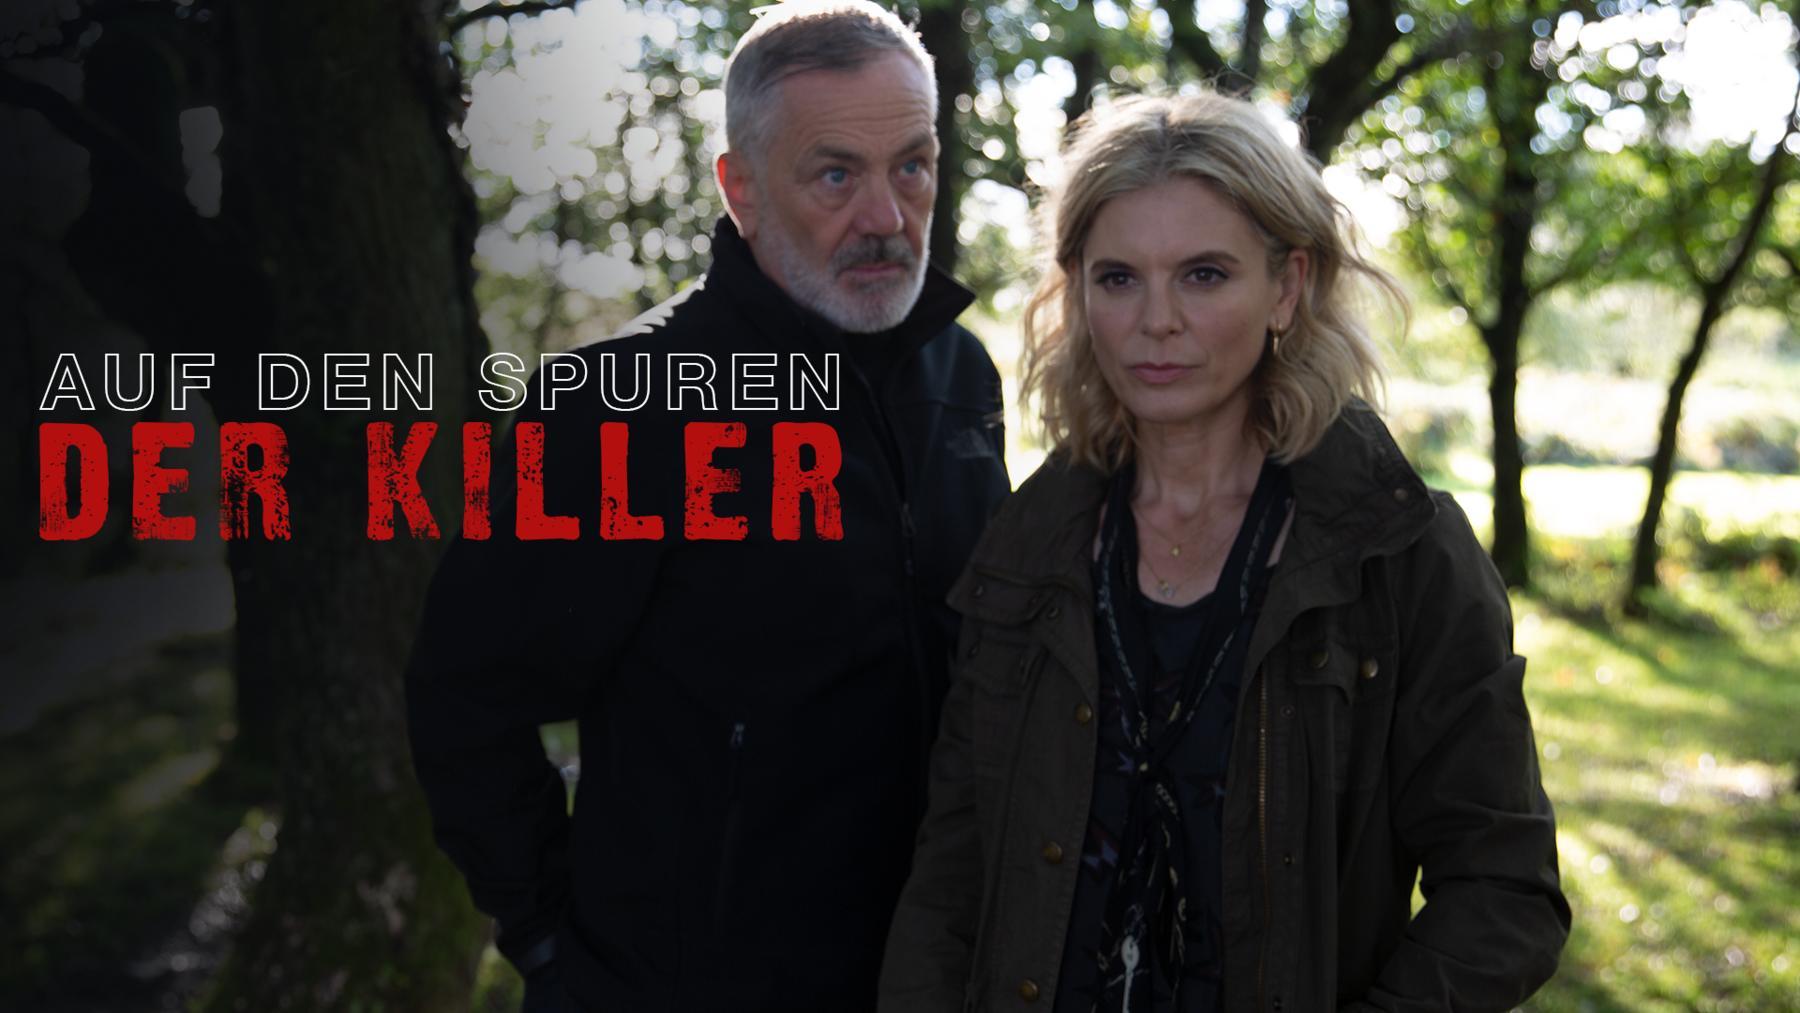 Auf den Spuren der Killer